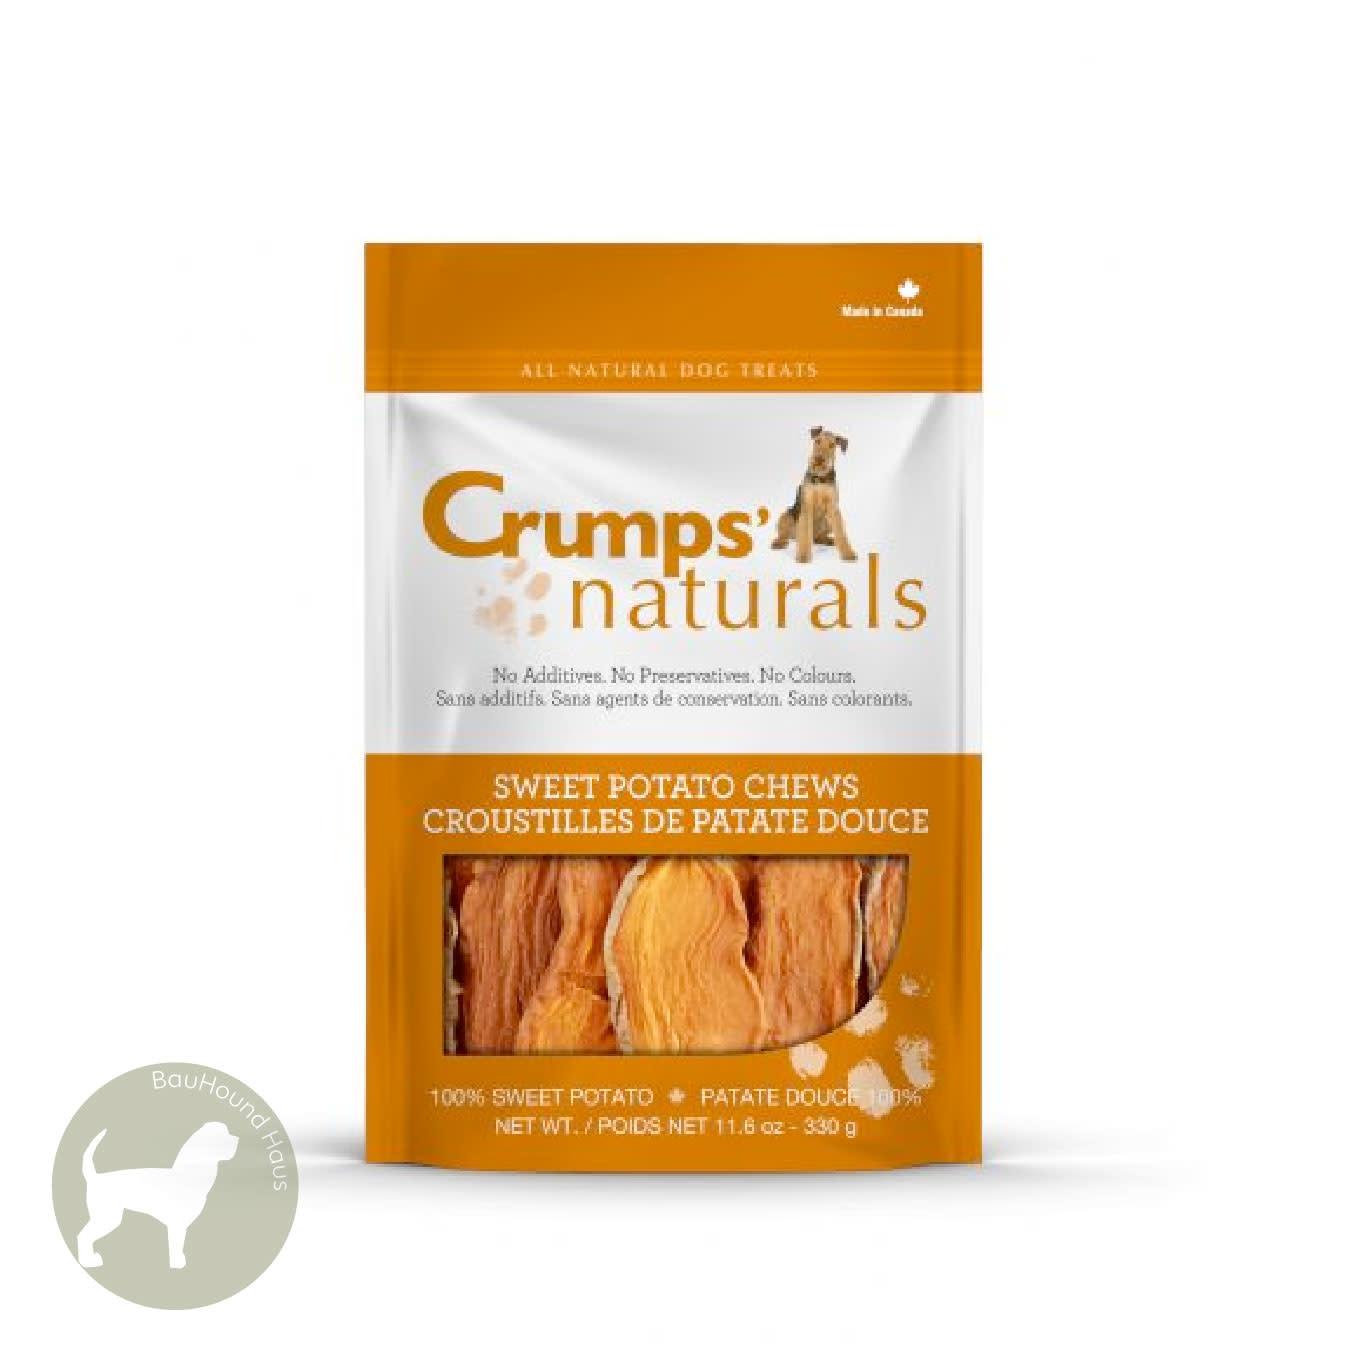 Crumps Crumps Naturals Sweet Potato Chews, 680g